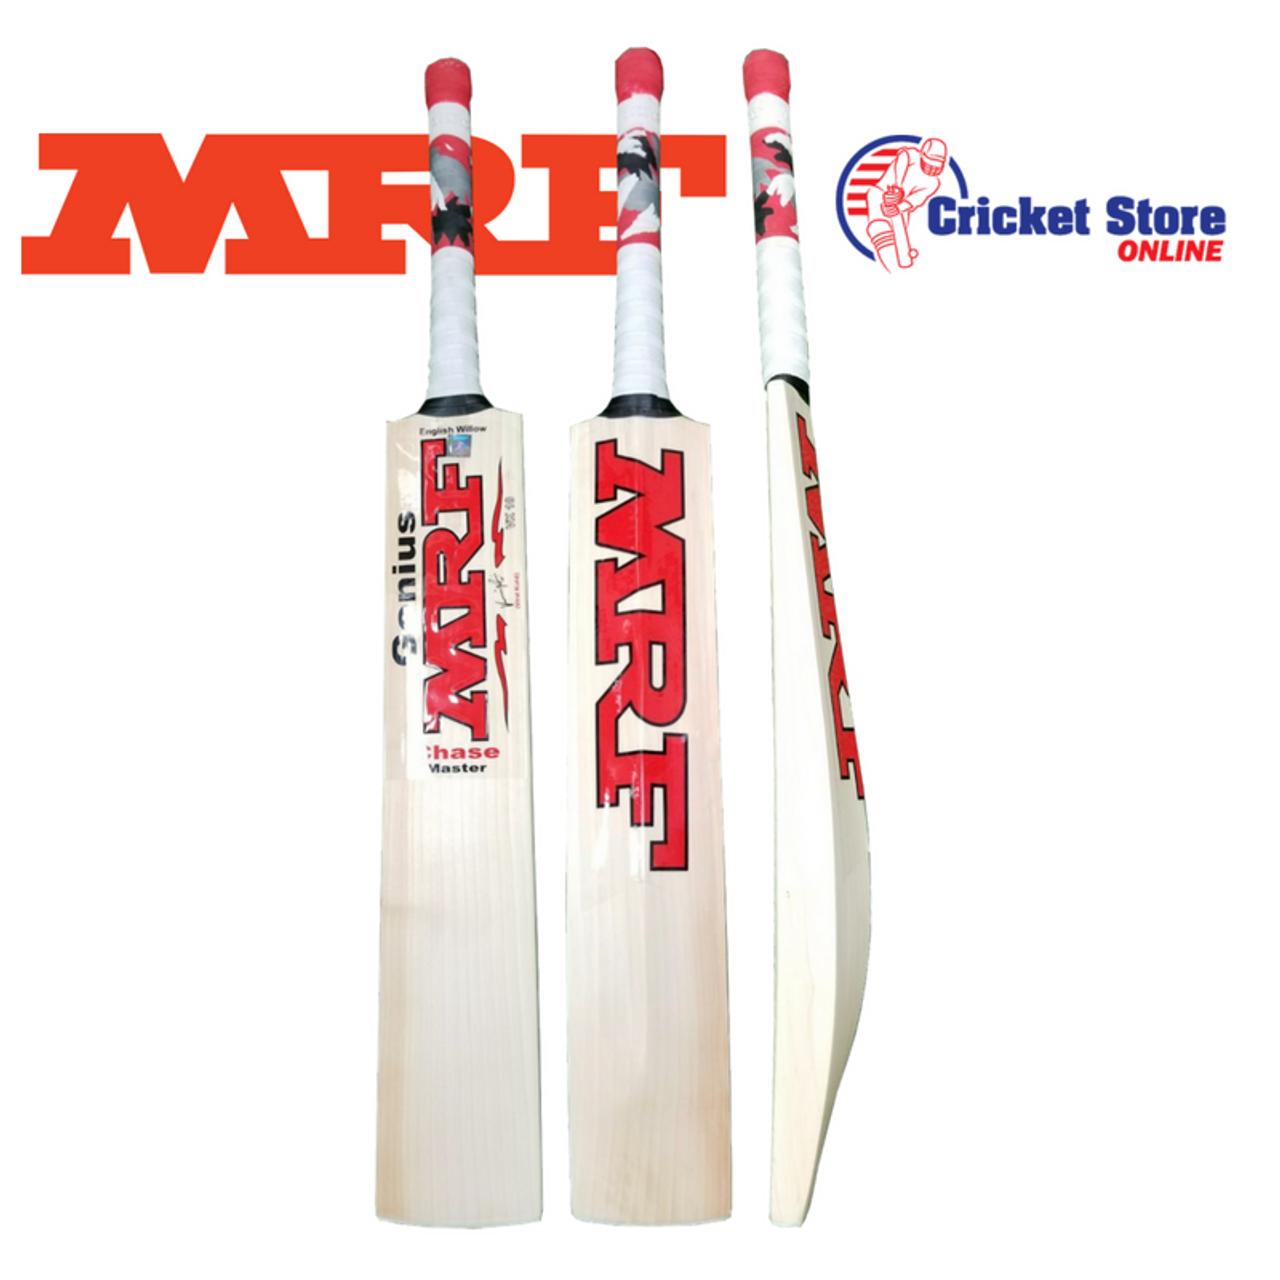 27a79c3e151 MRF Genius Chase Master Cricket Bat 2019 image